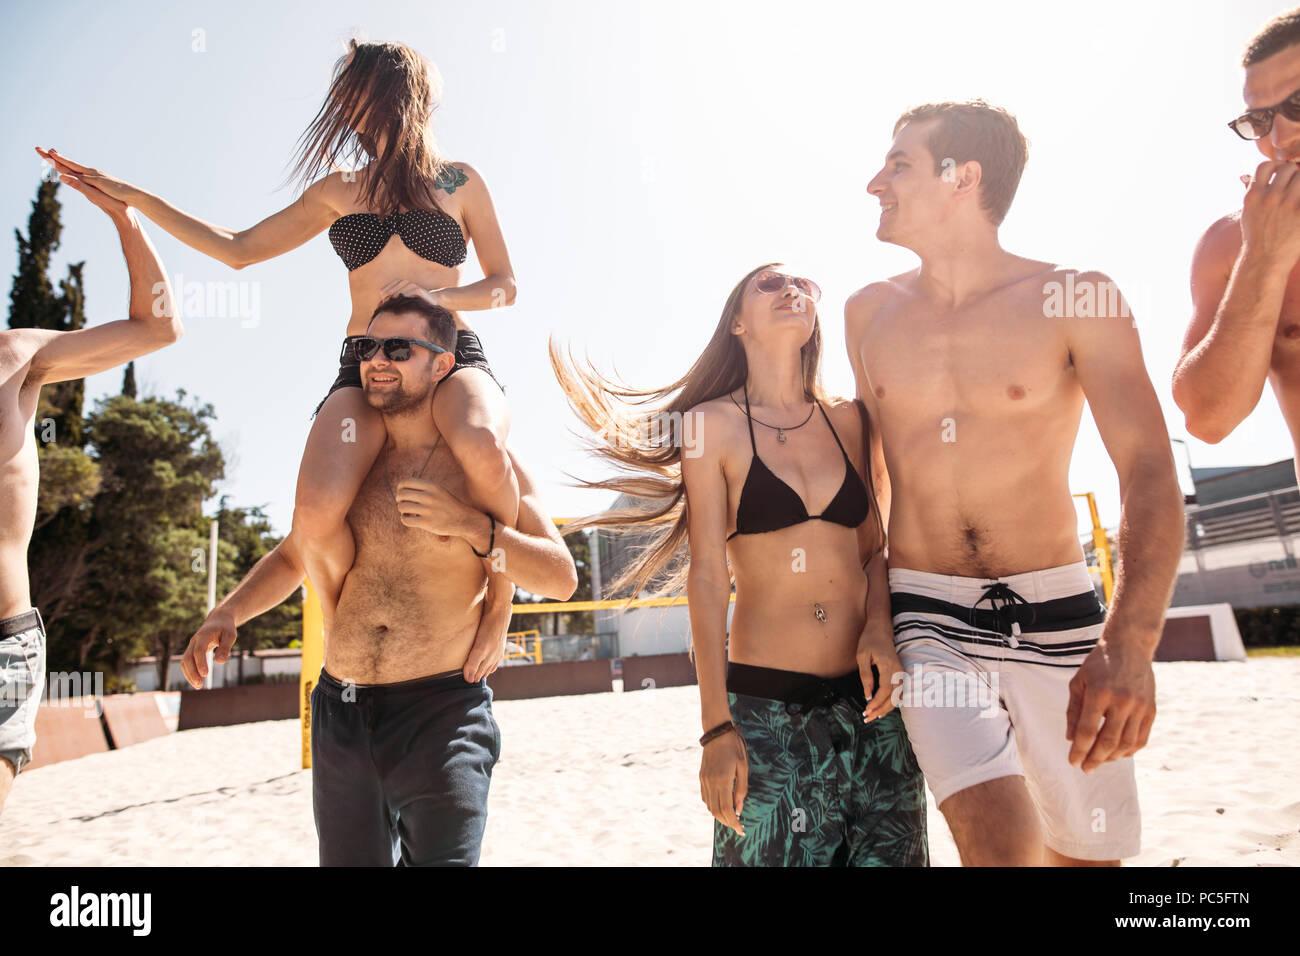 Europea di persone adulte, allegri ragazzi e una ragazza, spendere il loro tempo libero sulla sabbia hotel Campo per pallavolo, divertendosi, sano vivente lifestyl attivo Immagini Stock